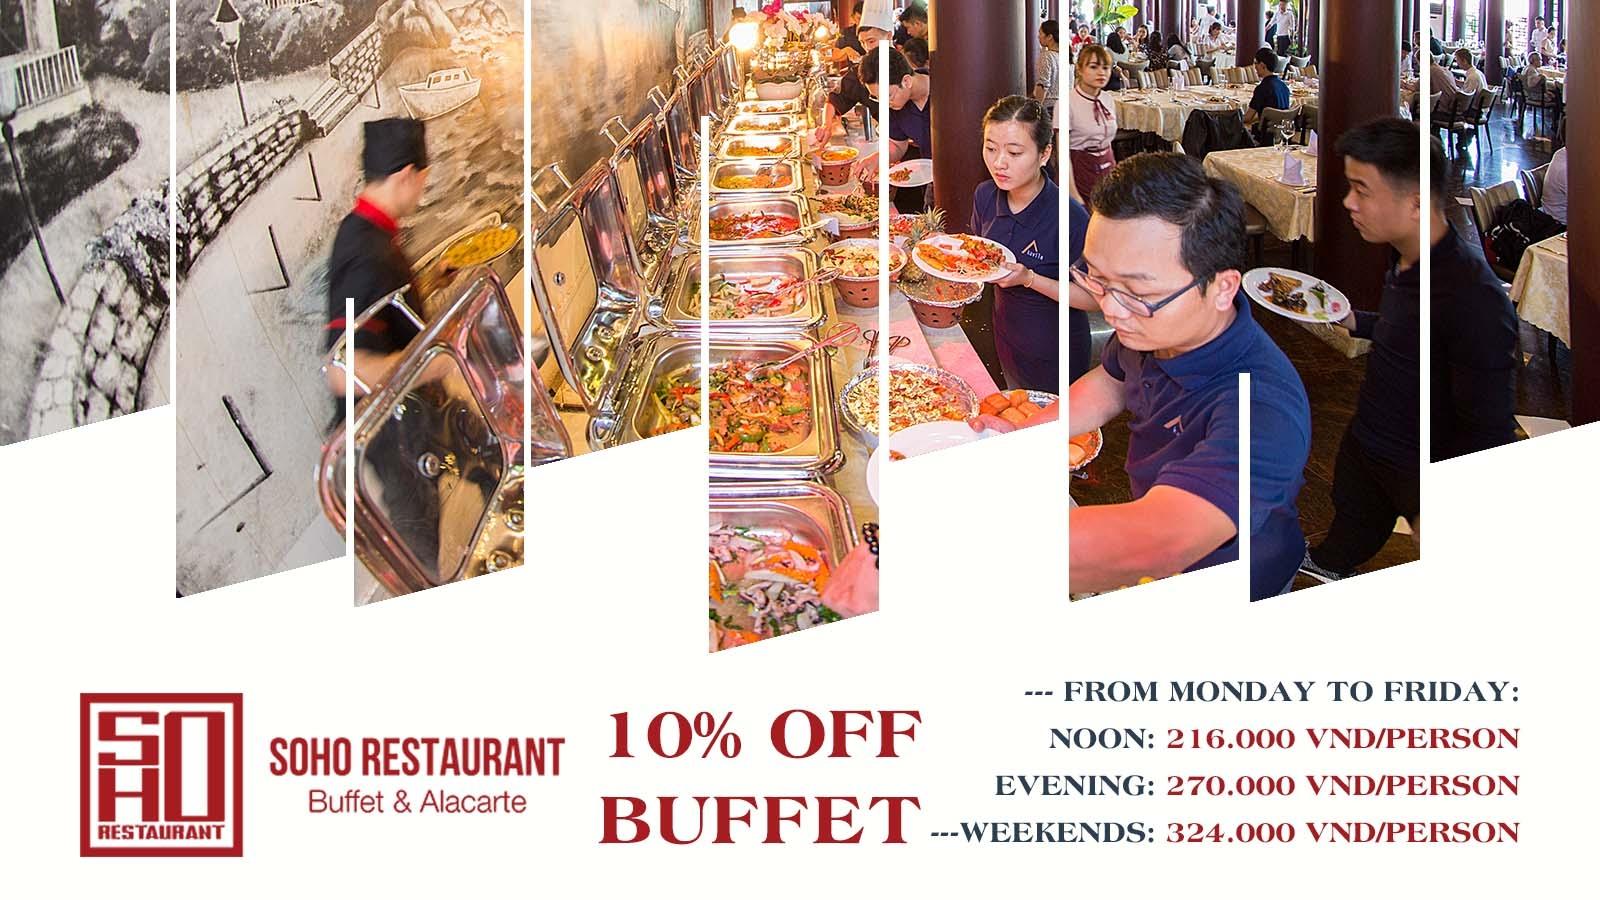 SOHO BUFFET & ALACARTE   10% OFF BUFFET